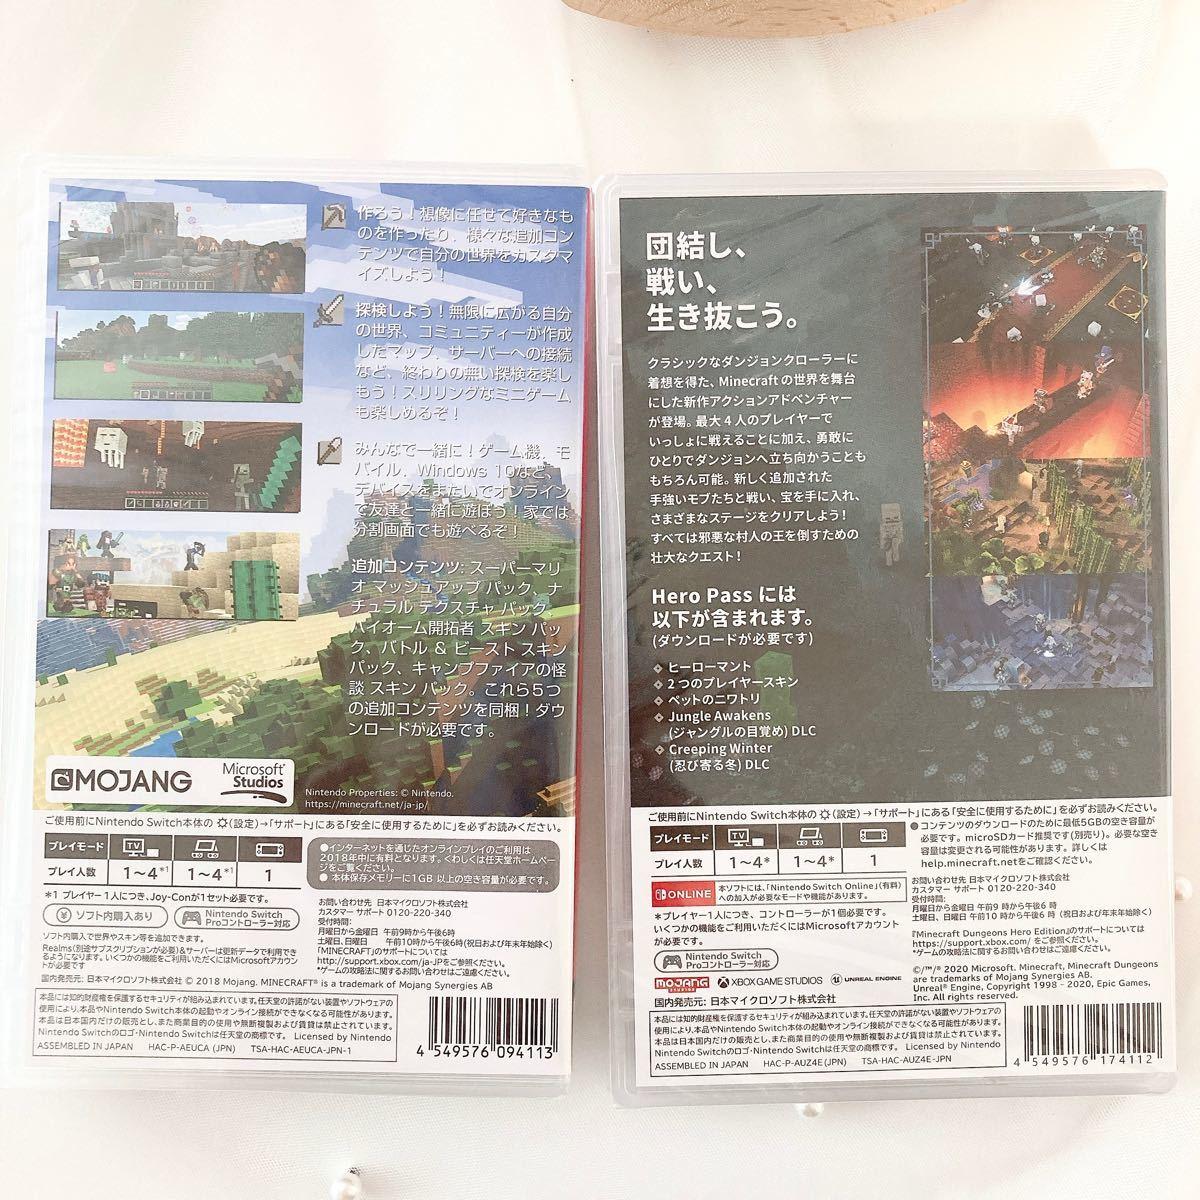 ■新品未開封■2本 Nintendo Switch版 マインクラフトマインクラフトダンジョンズ  ニンテンドースイッチ ソフト